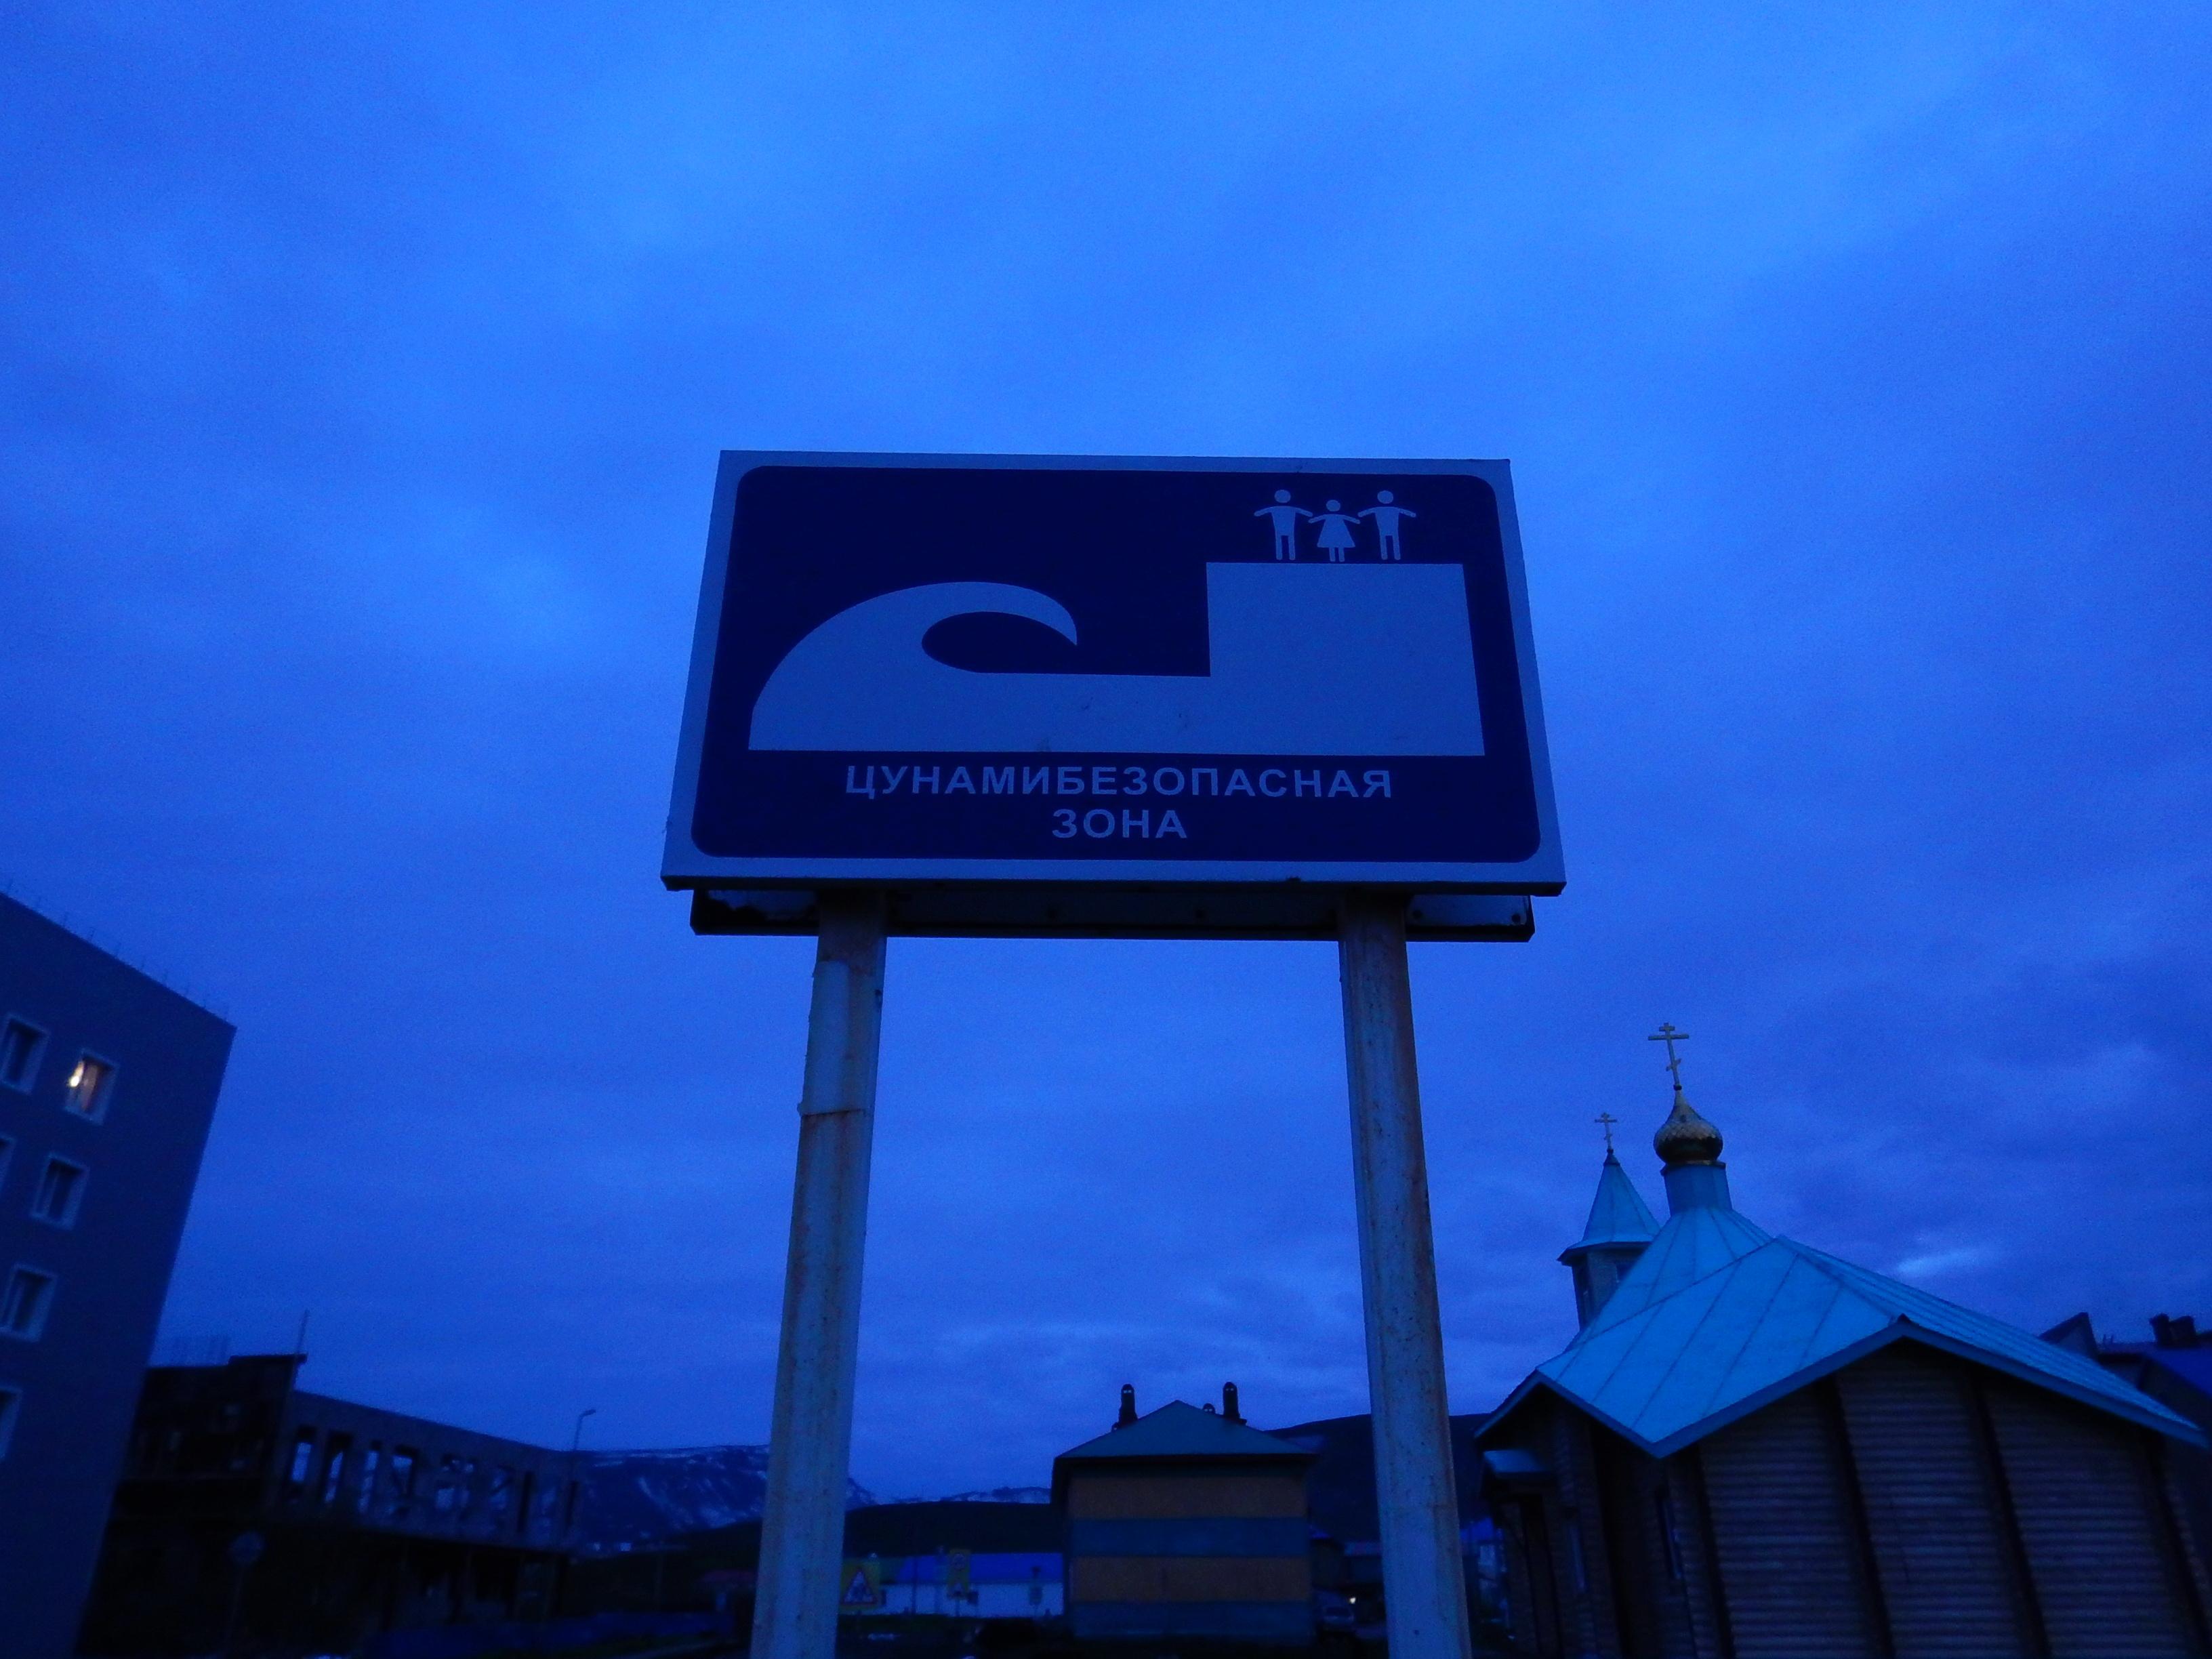 указатель цунамибезопасная зона Северо-Курильск